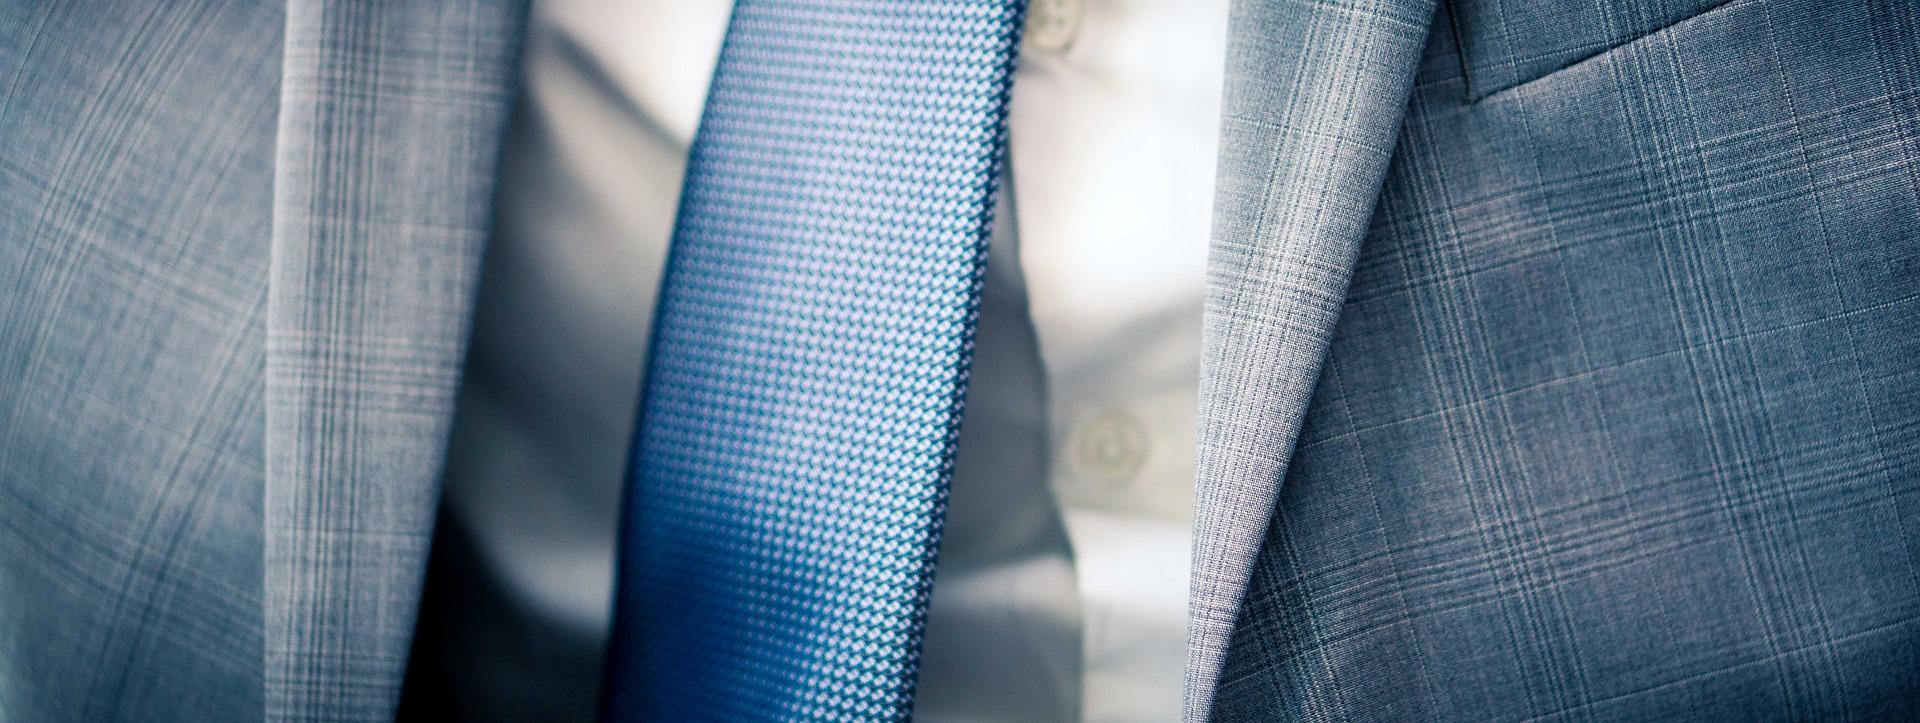 Doradztwo biznesowe / Business Consulting